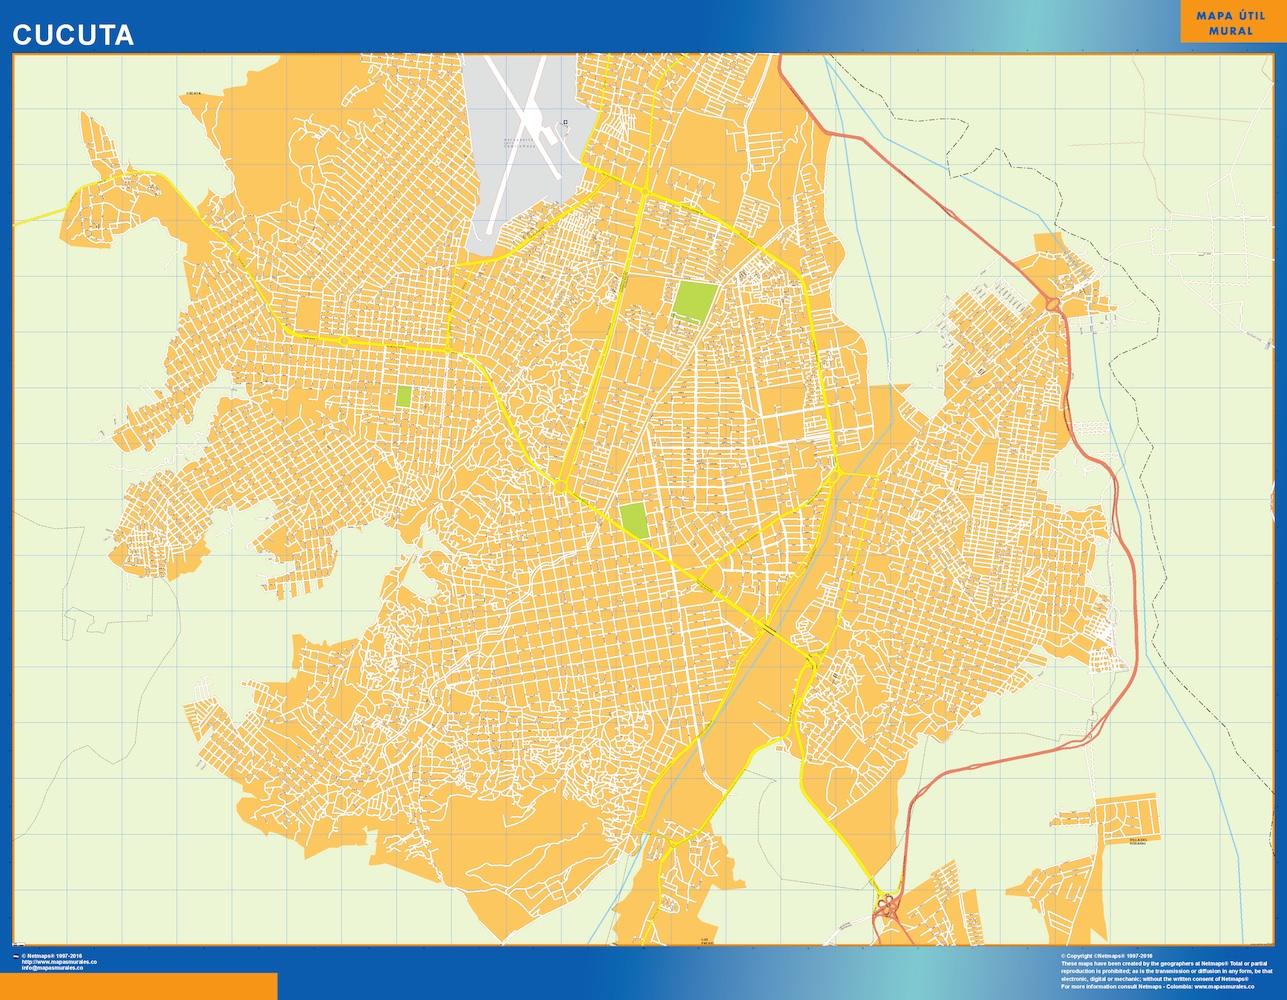 Mapa de Cucuta en Colombia plastificado gigante